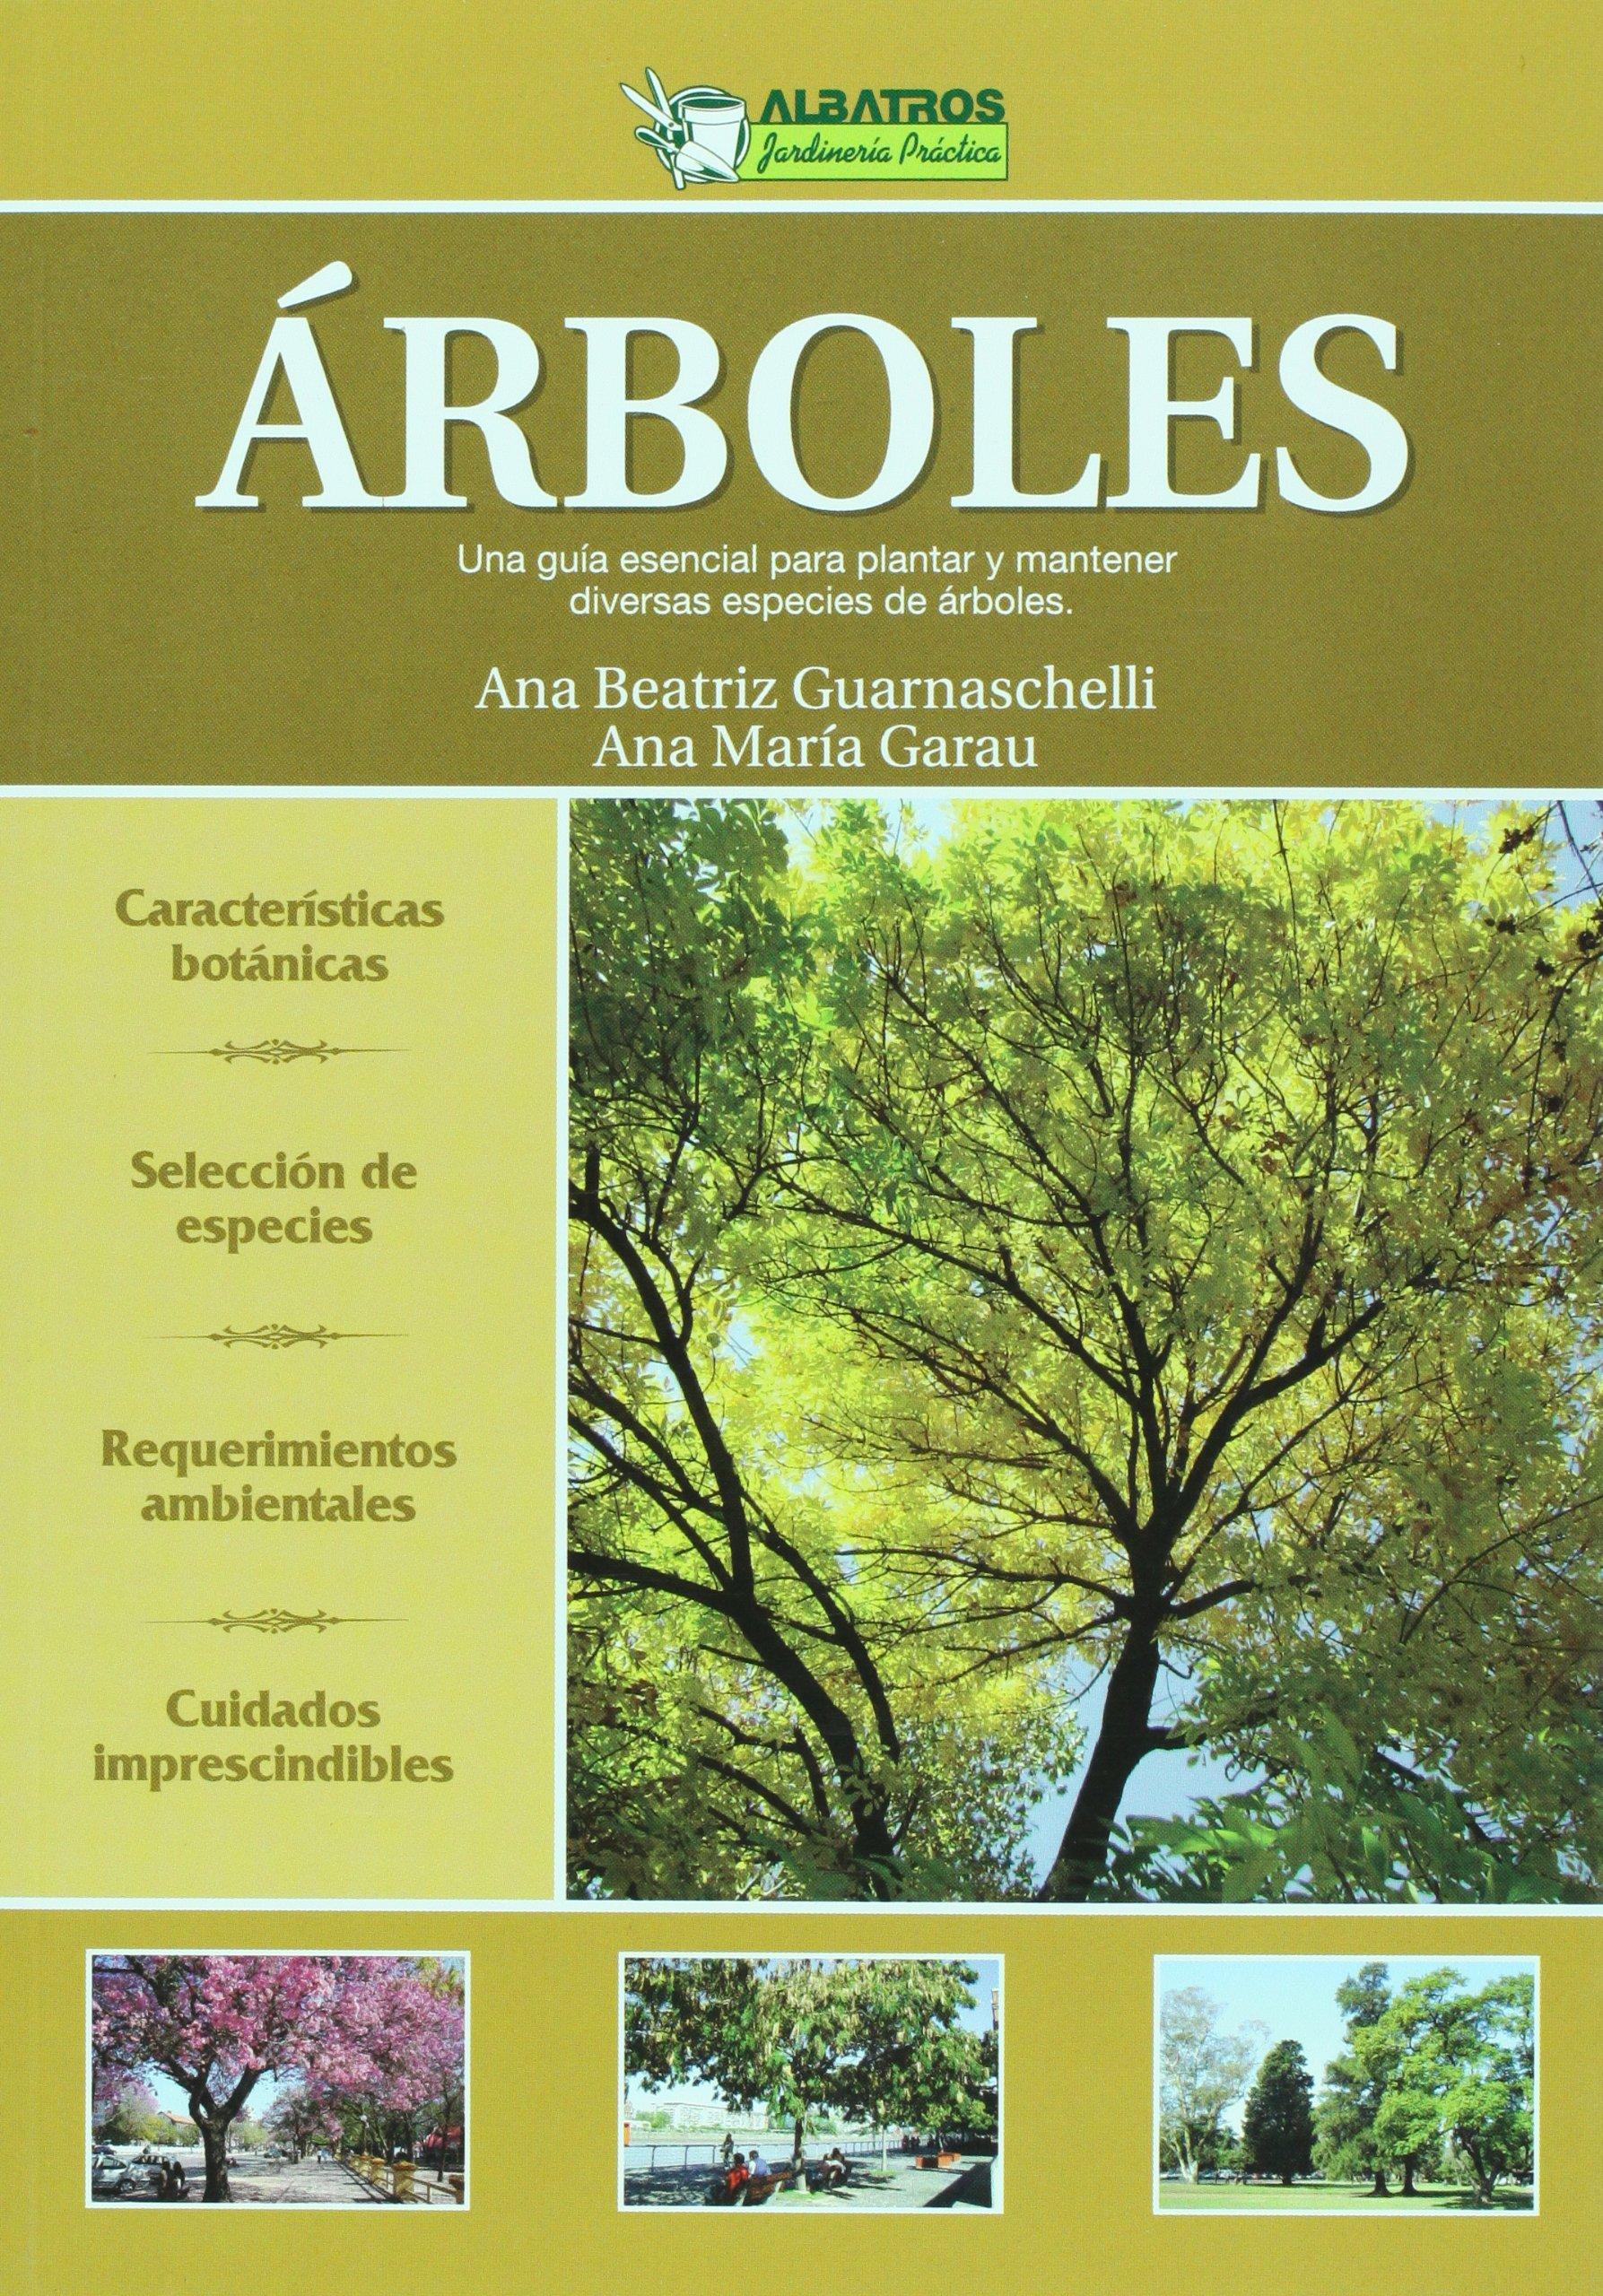 Una guia esencial para plantar y mantener diversas especies de arboles (Jardineria practica / Practical Gardening) (Spanish Edition) (Spanish) Paperback ...